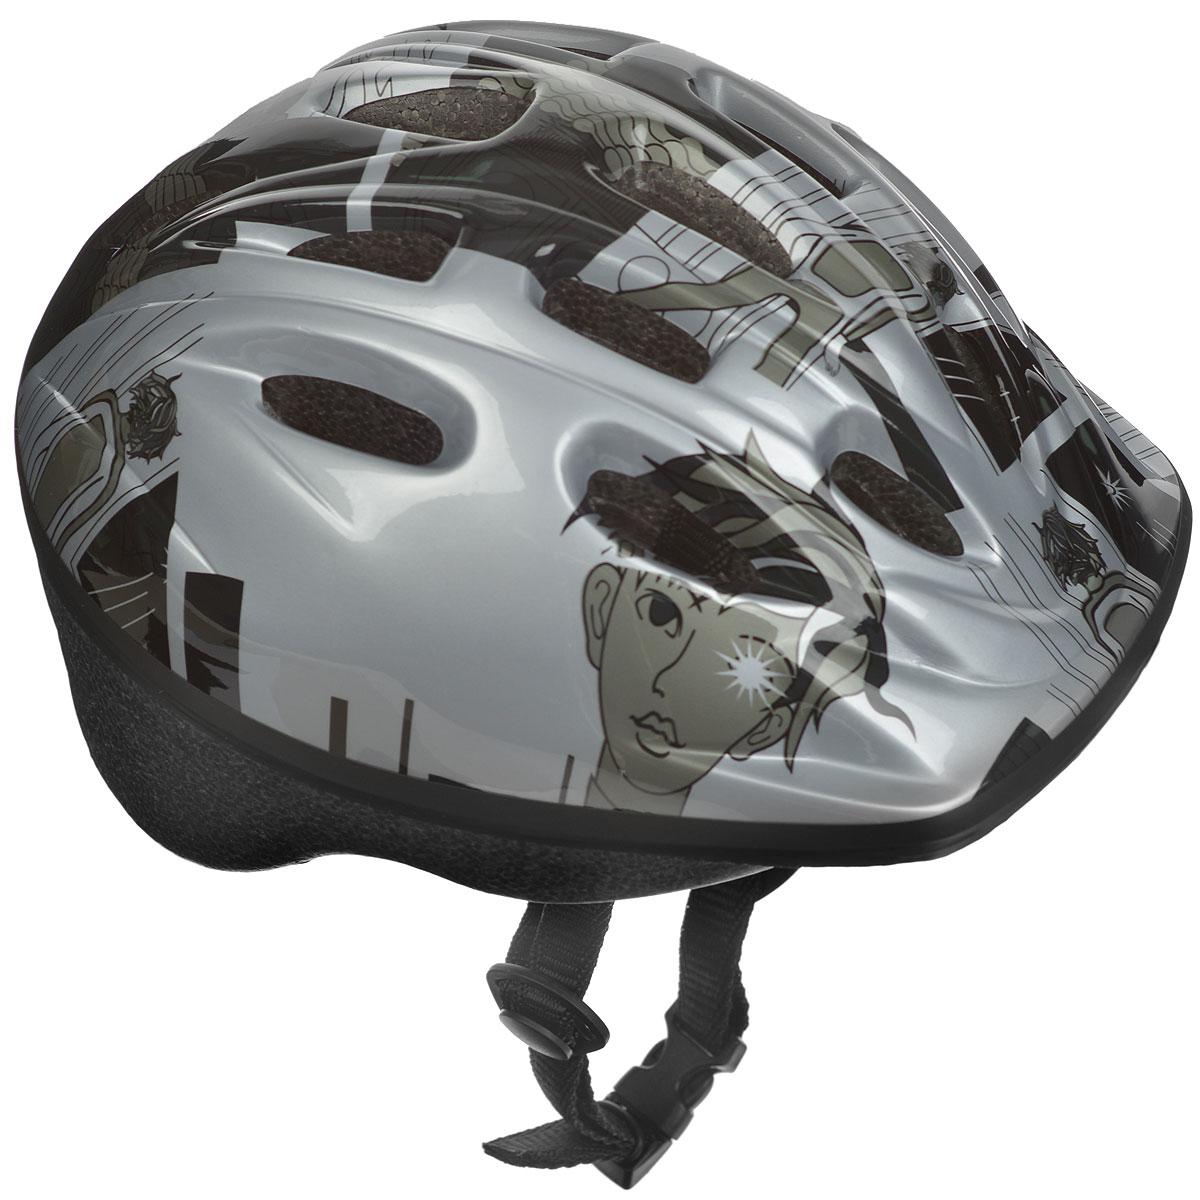 Шлем защитный Action, цвет: серый. Размер XS (48-51). PWH-30PWH-30Шлем Action послужит отличной защитой для ребенка во время катания на роликах или велосипеде. Он выполнен из плотного вспененного пенопласта, покрытого пластиковой пленкой и отлично сидит на голове, благодаря мягким вставкам на внутренней стороне. Шлем снабжен системой вентиляции и крепится при помощи удобного регулируемого ремня с пластиковым карабином, застегивающимся на подбородке.